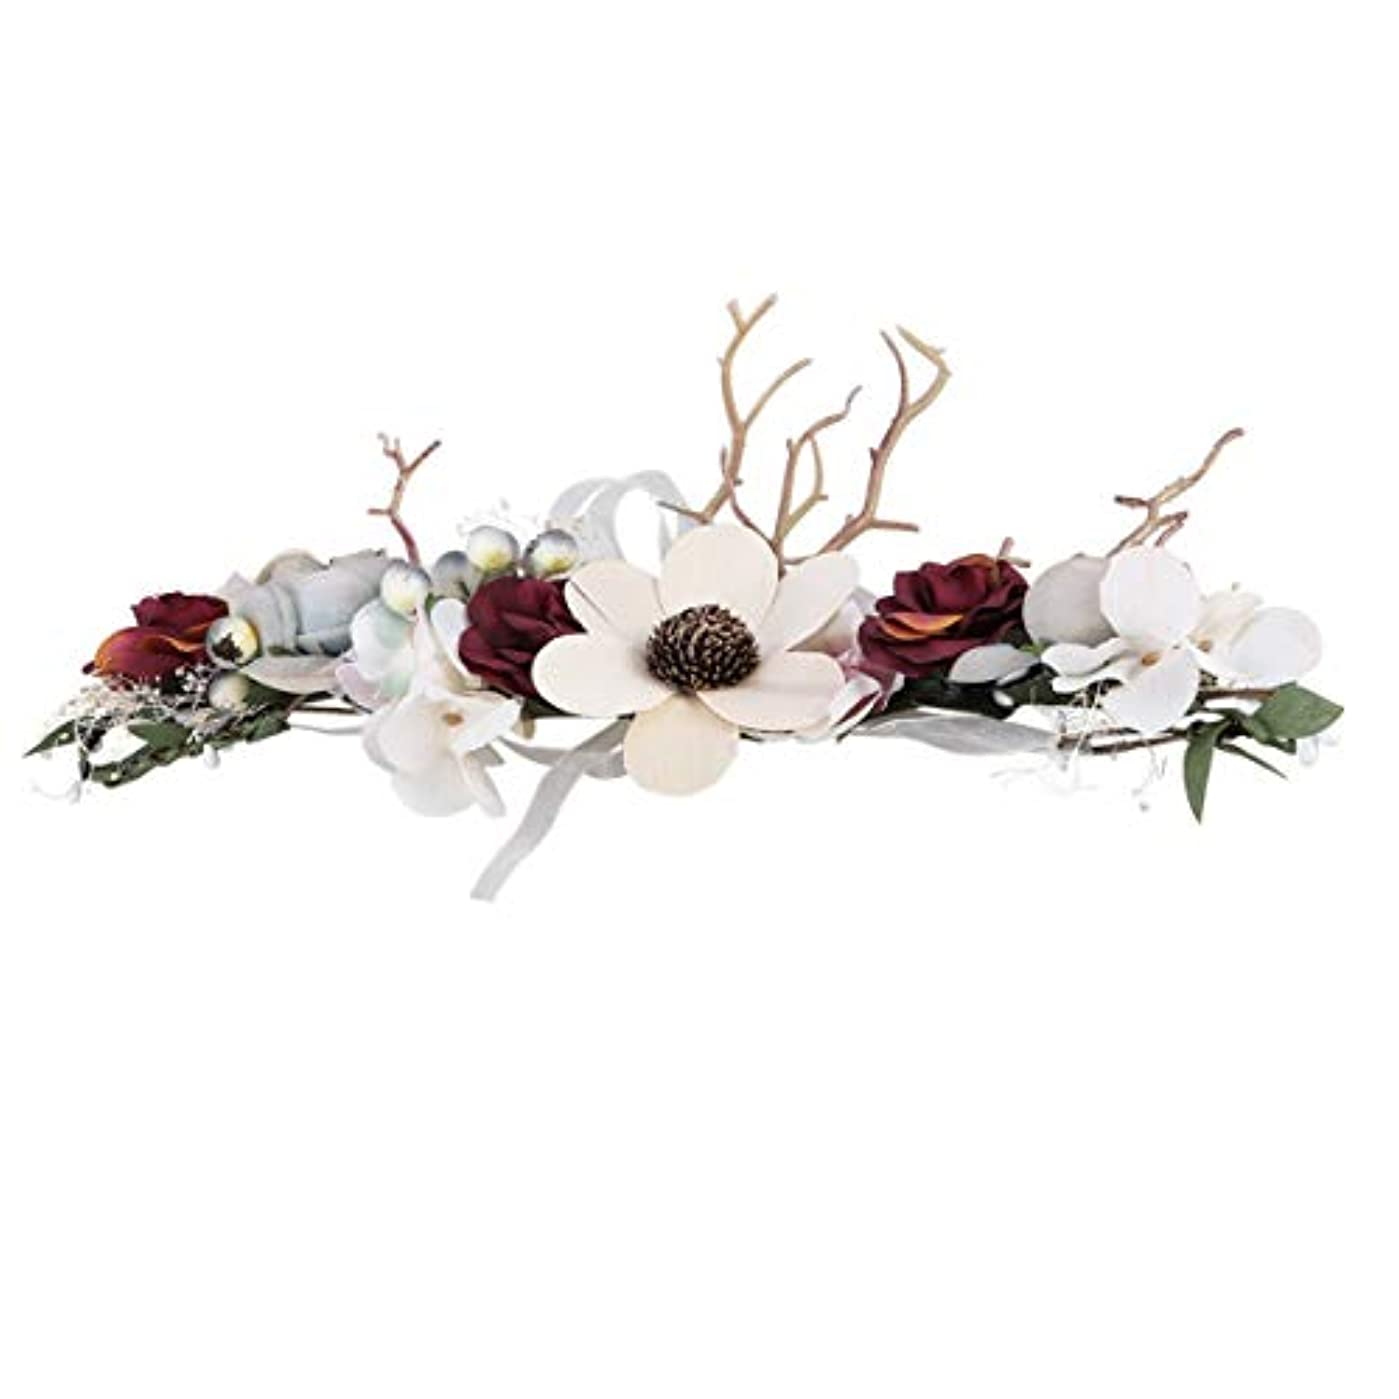 新しい意味ラップ神秘Lurrose クリスマスフローラルヘッドバンド枝角花冠結婚式花冠髪の花輪